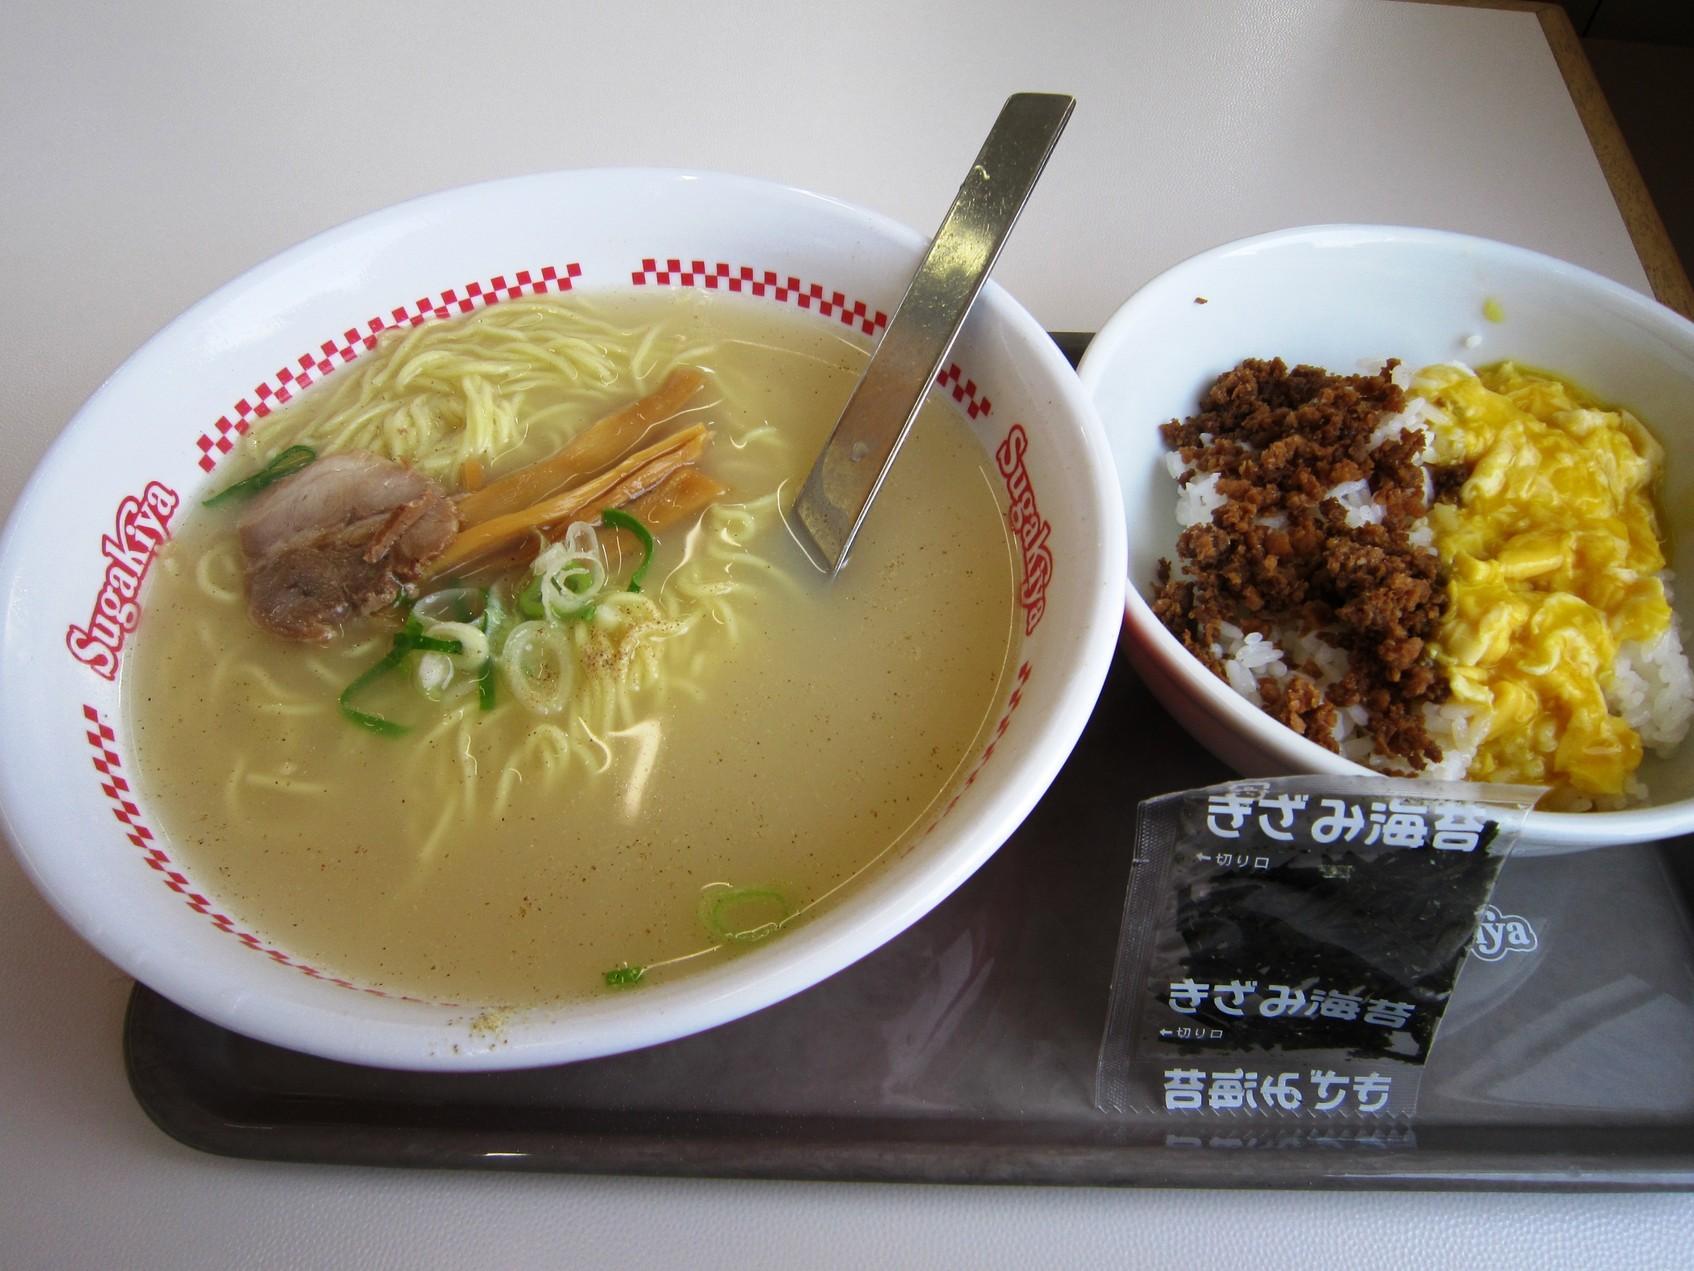 スガキヤ 西友ストアー千代田店